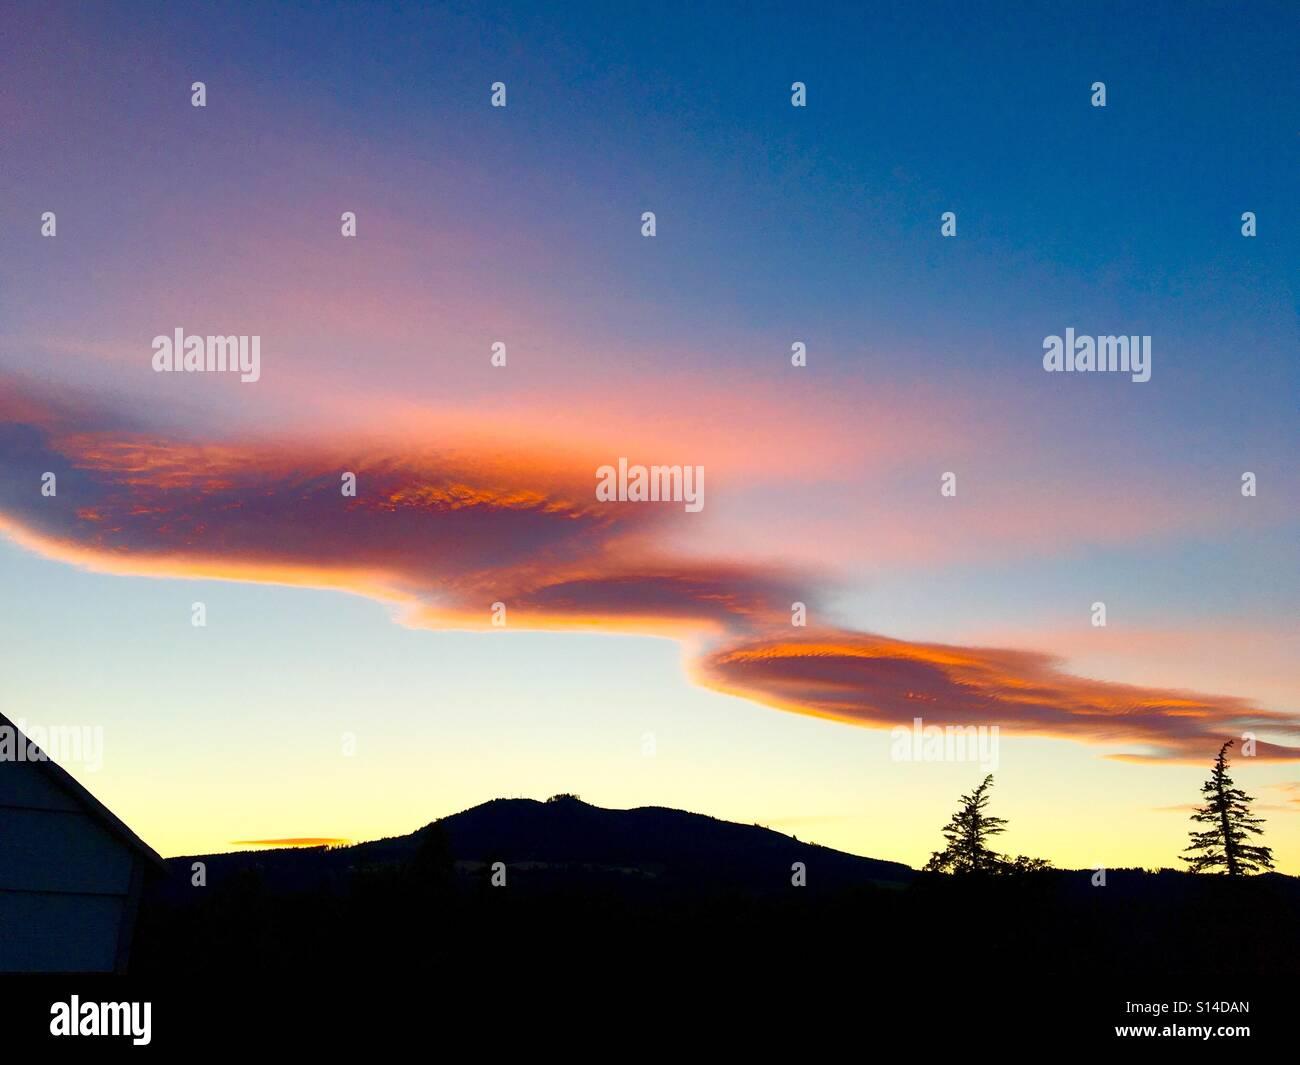 Crazy sky - Stock Image